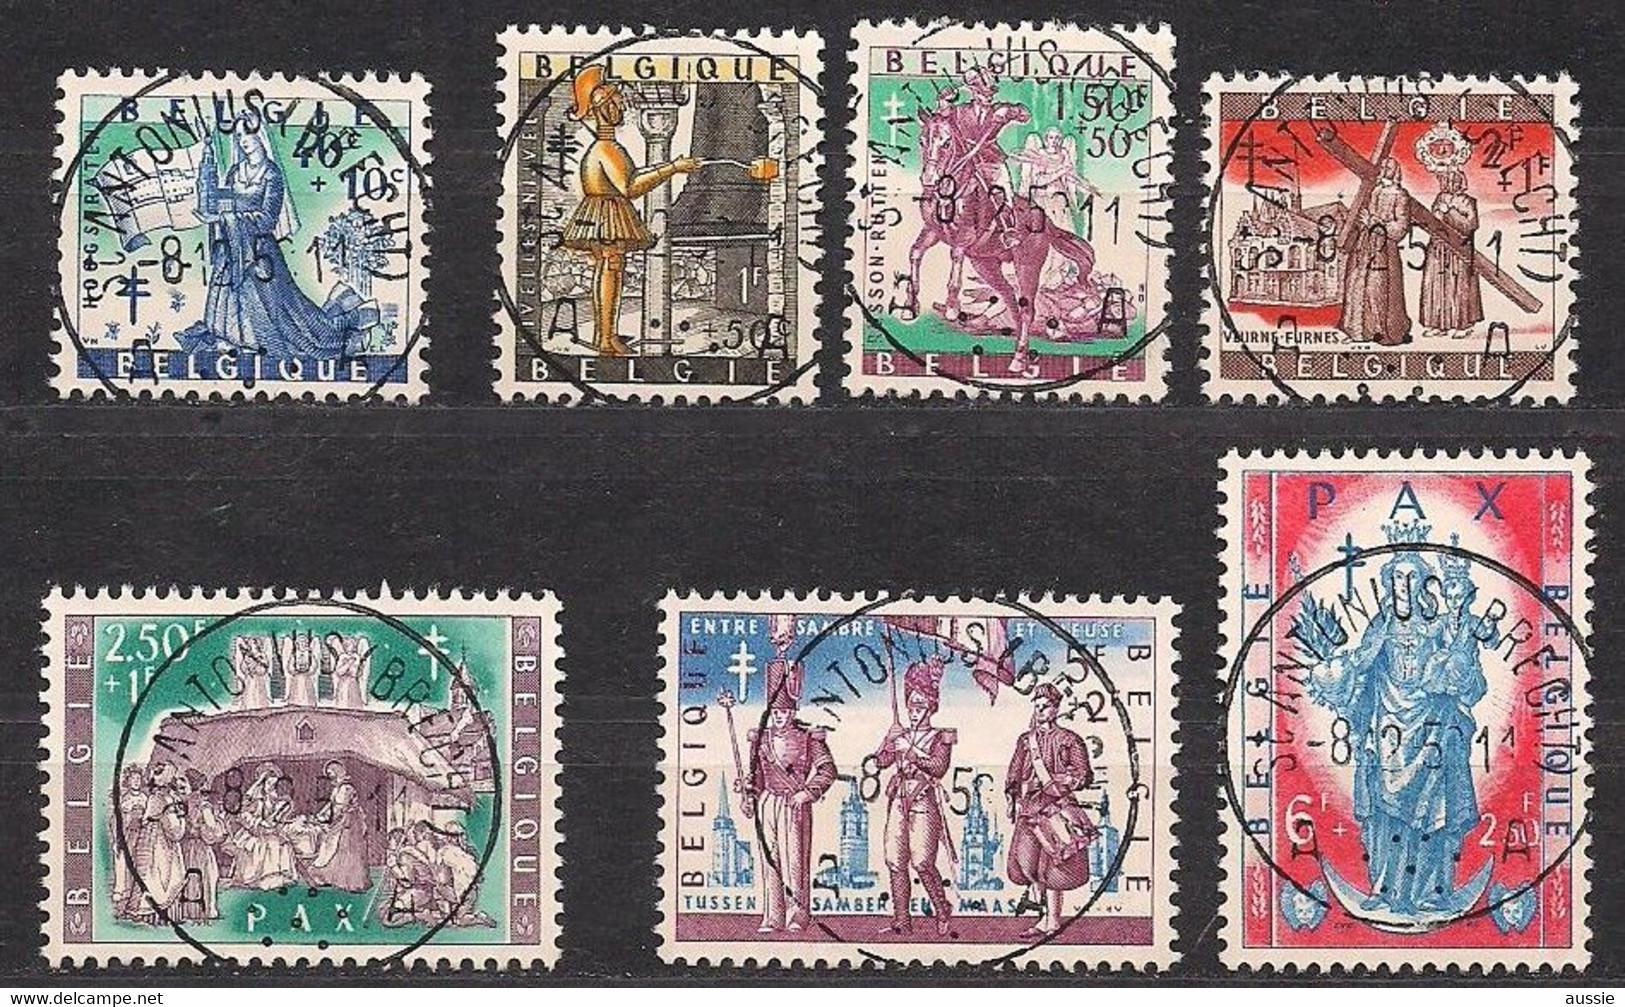 Belgie Belgique 1958 OCBn° 1082-1088 (°) Oblitéré Used Cote 9,00 Euro Folklore II - Usados